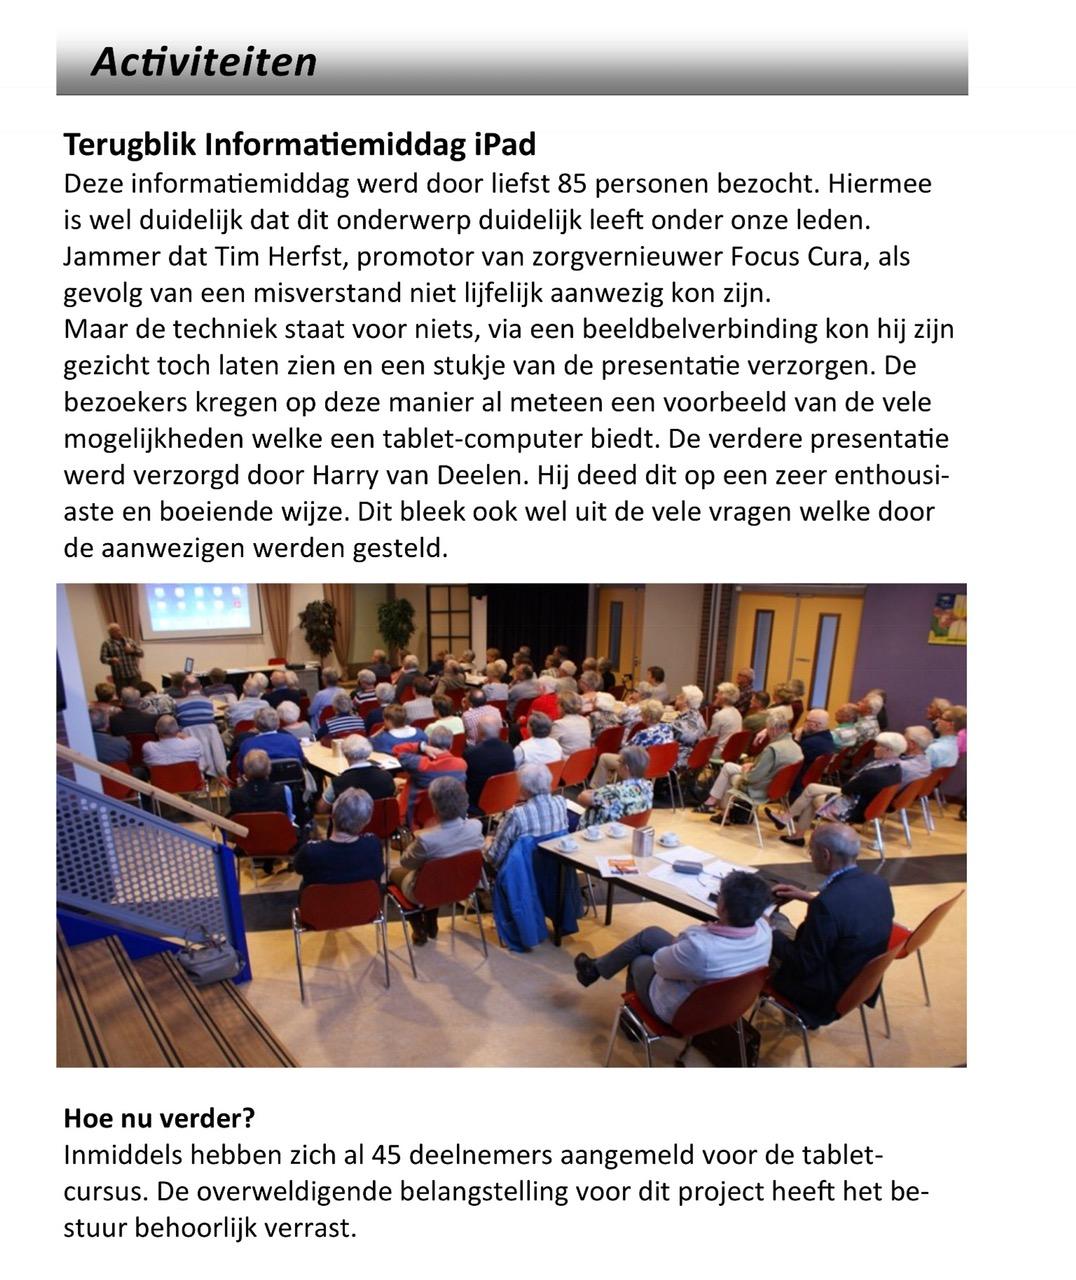 Terugblik informatiemiddag iPad